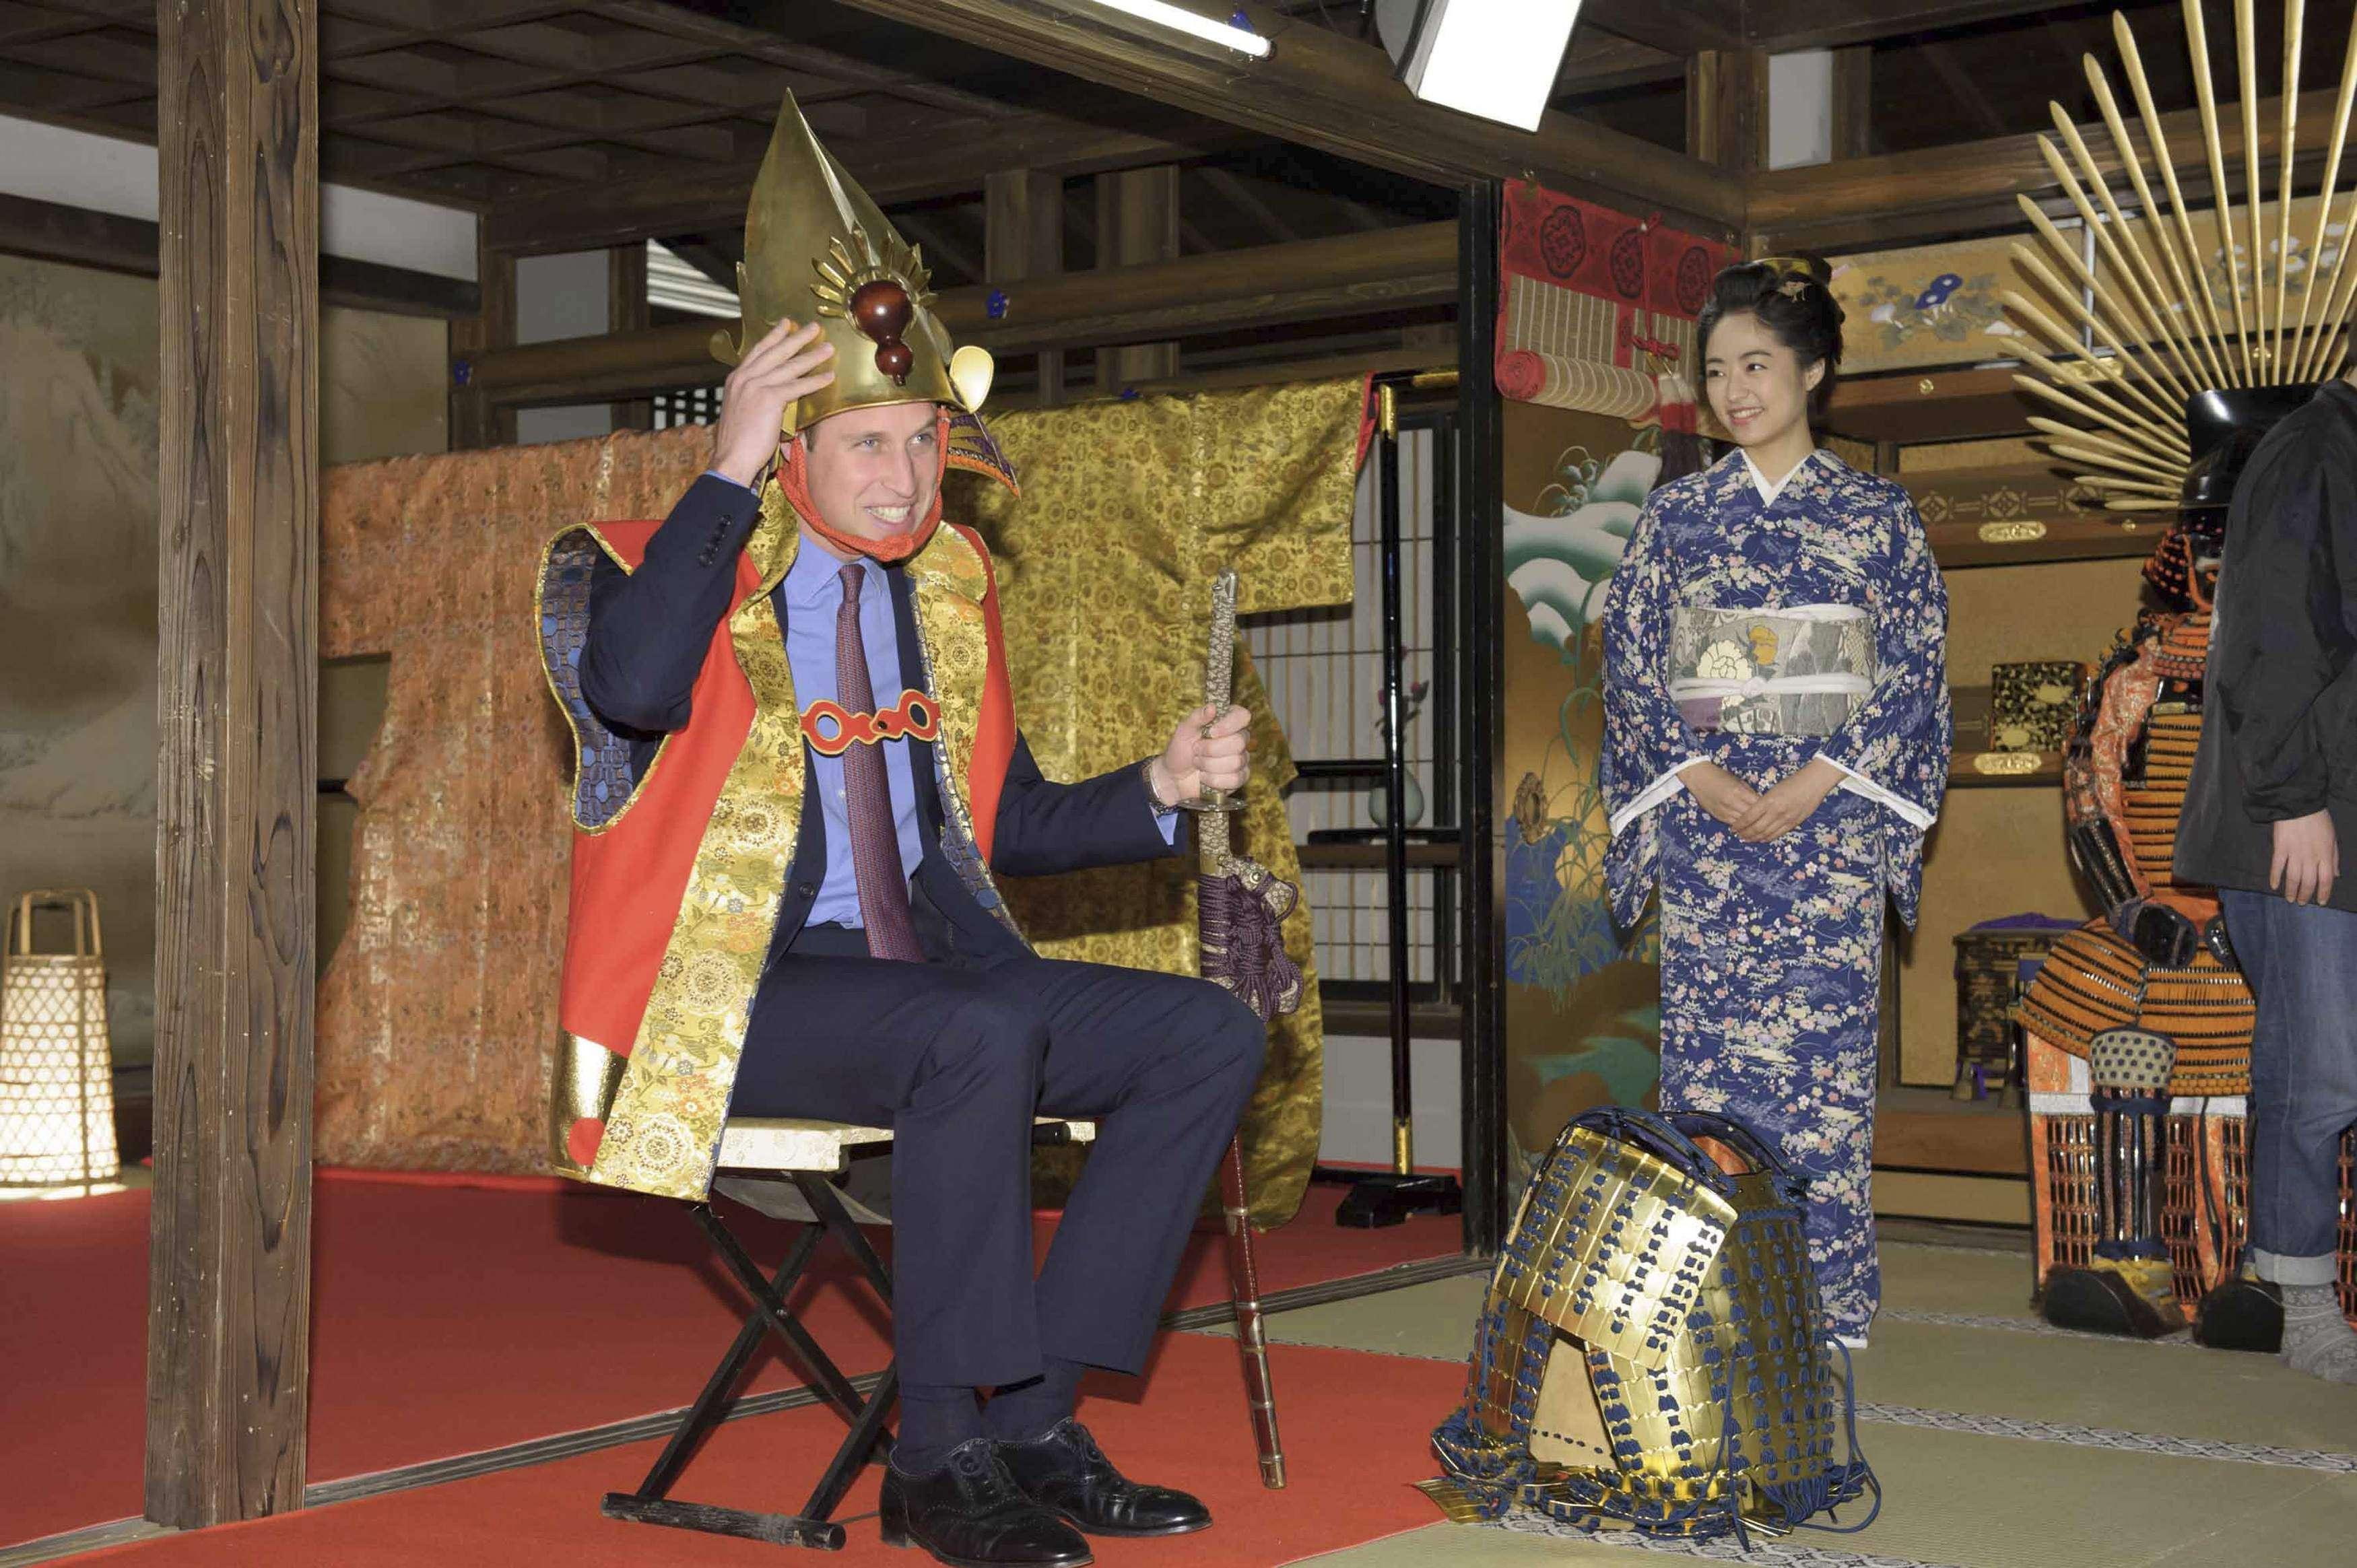 Príncipe vestiu roupa típica dos samurais Foto: Reuters